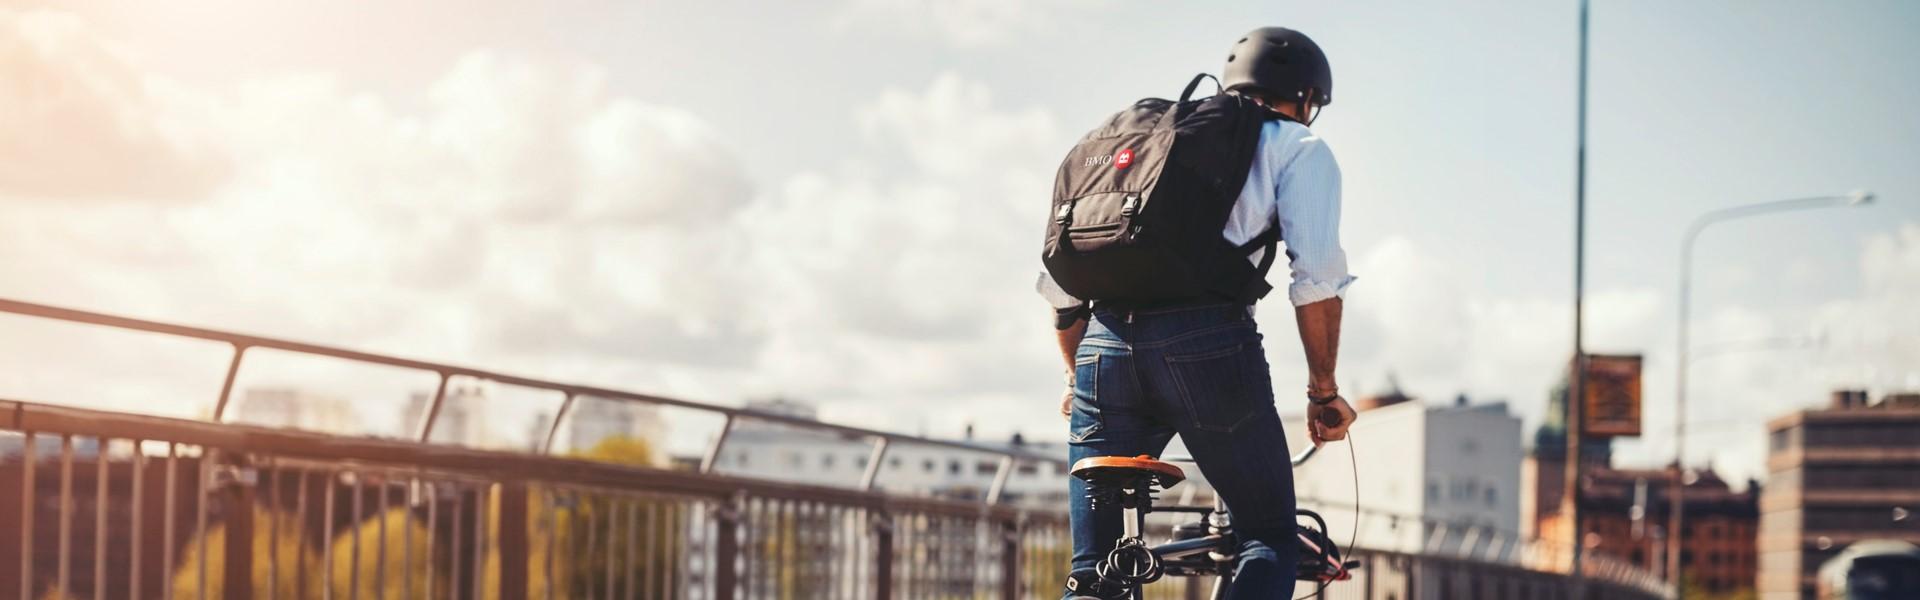 Homme qui se rend au travail à vélo.